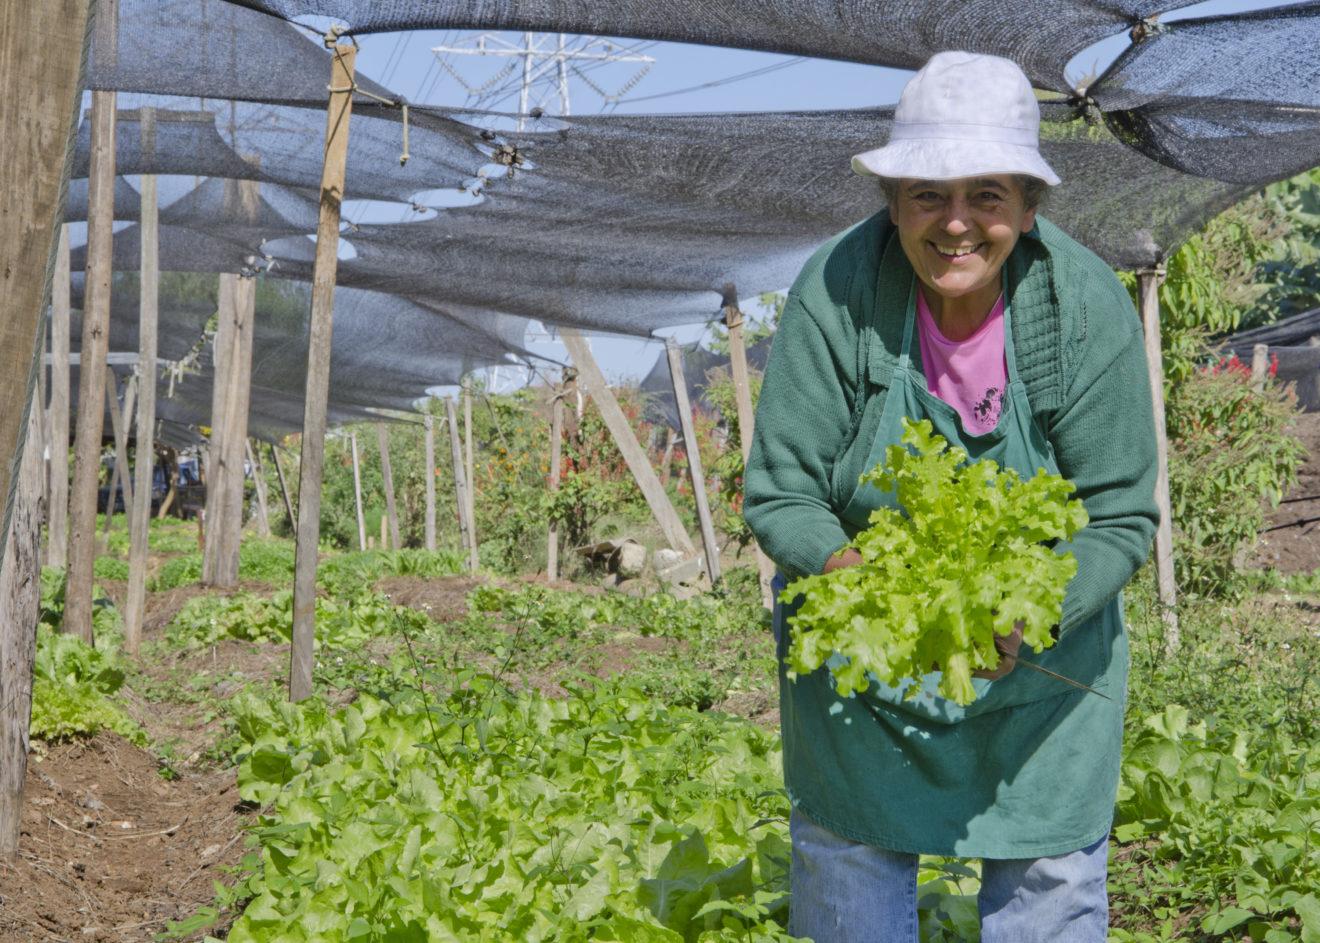 Conheça a ONG que transforma terrenos públicos em hortas comunitárias